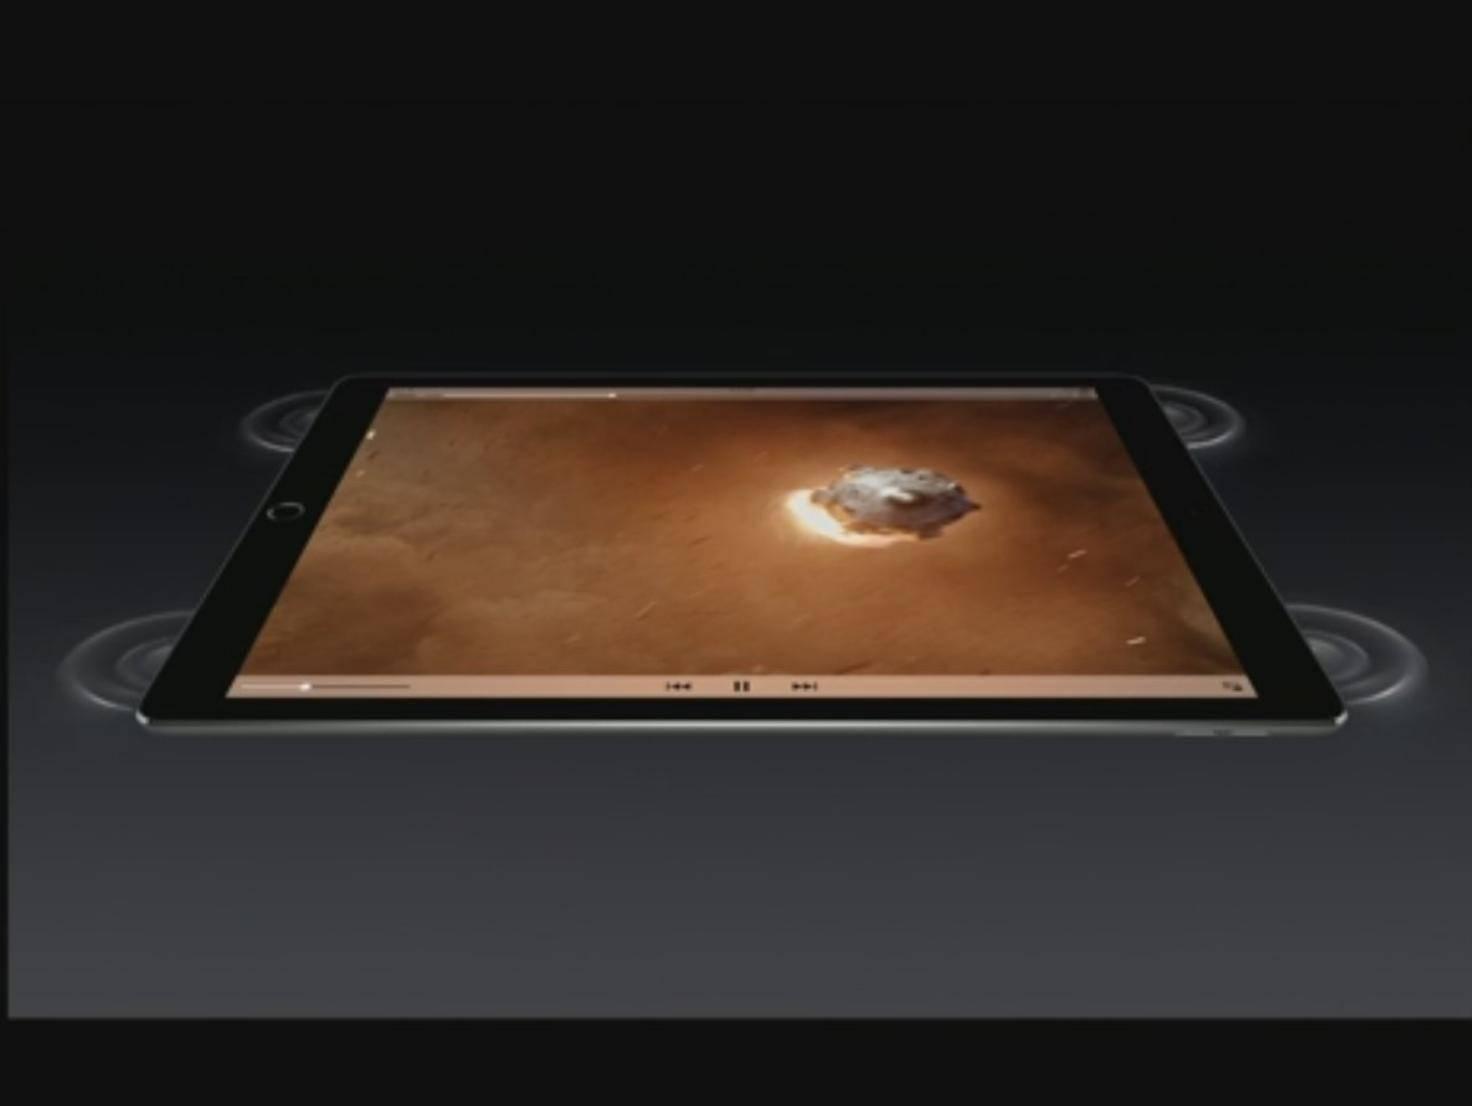 Das iPad Pro hat vier Lautsprecher.